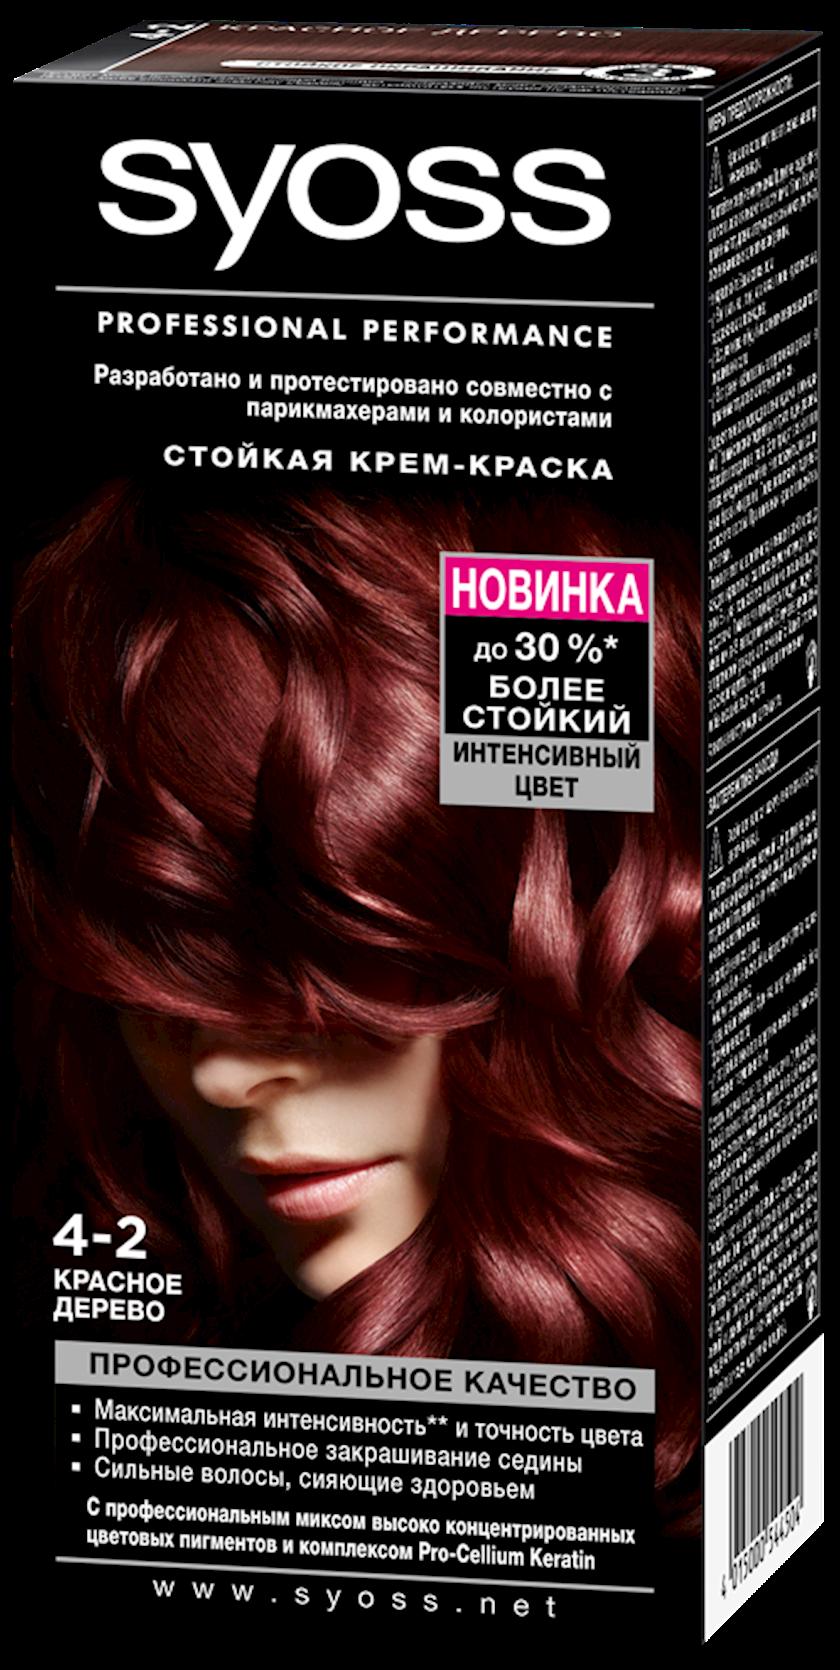 Saç boyası Syoss 4-2 Qırmızı ağac